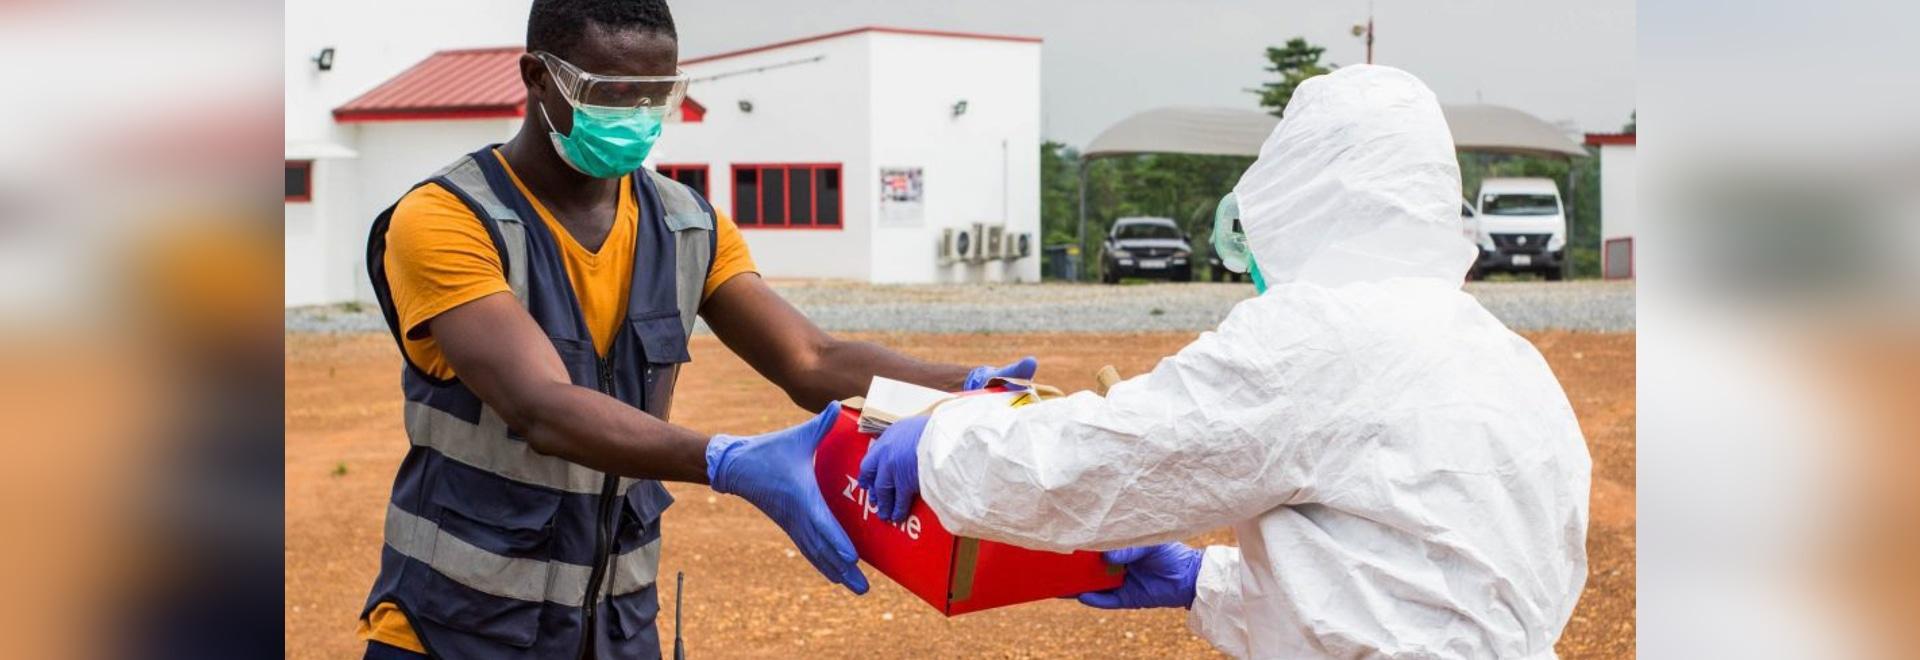 Zipline está entregando muestras de prueba de COVID-19 en Ghana.